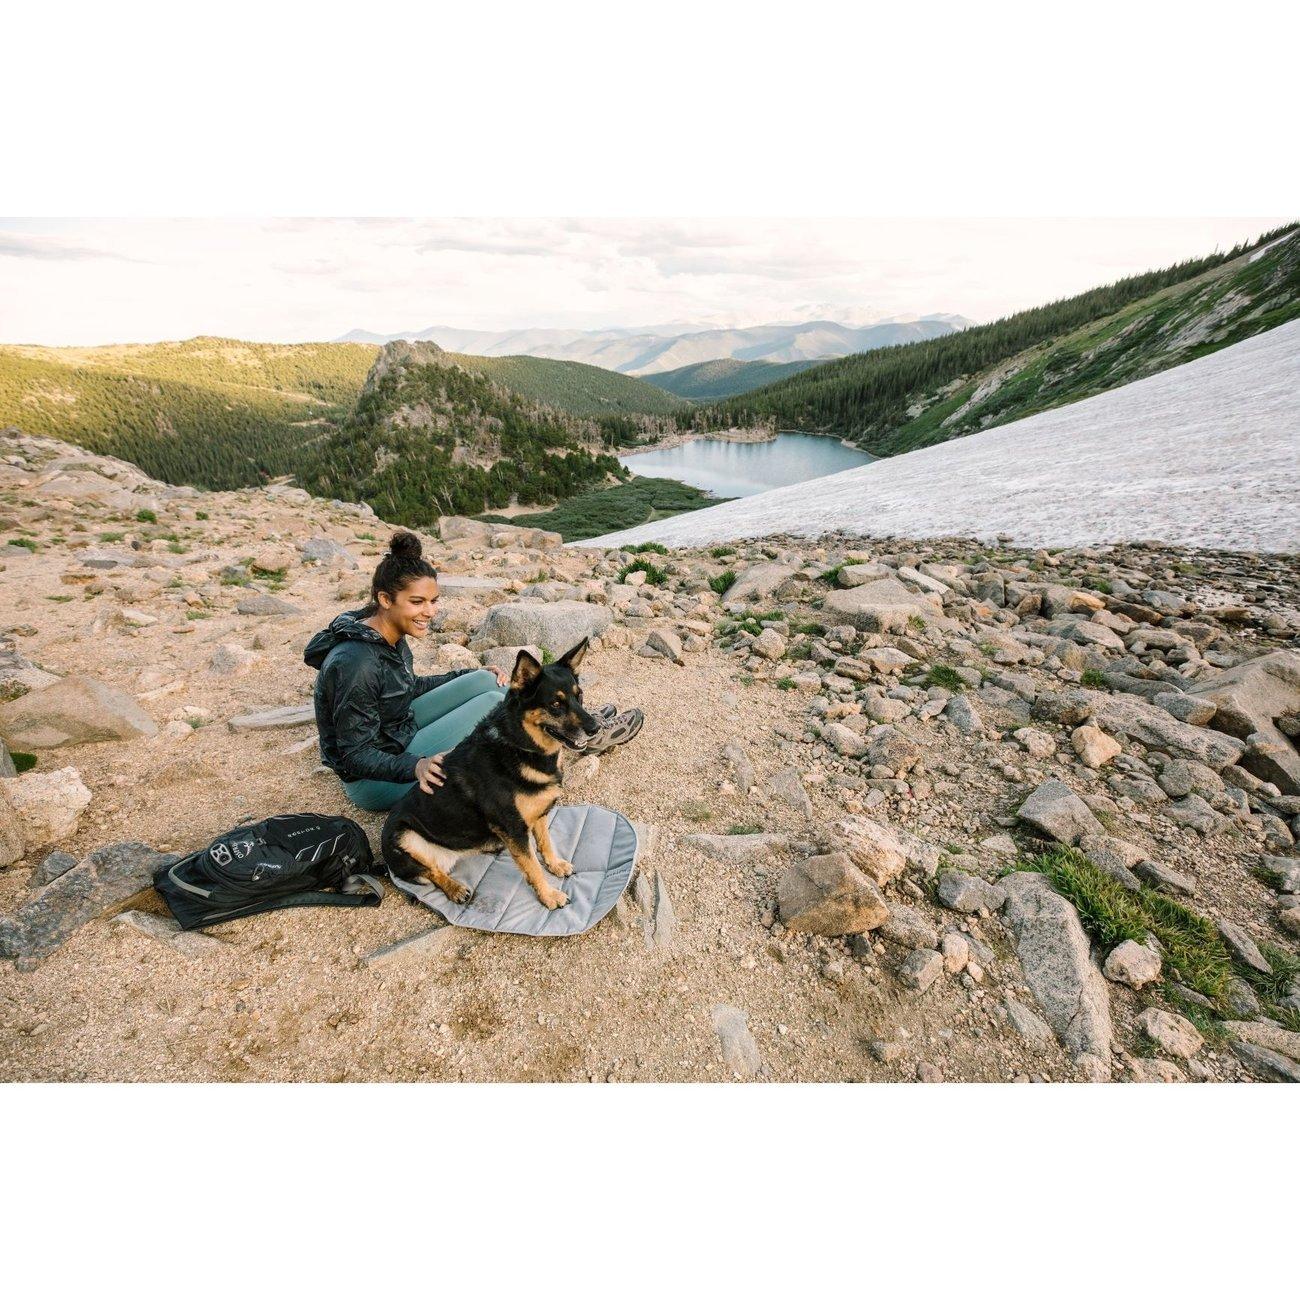 Ruffwear Highlands Pad Hundedecke, Bild 12